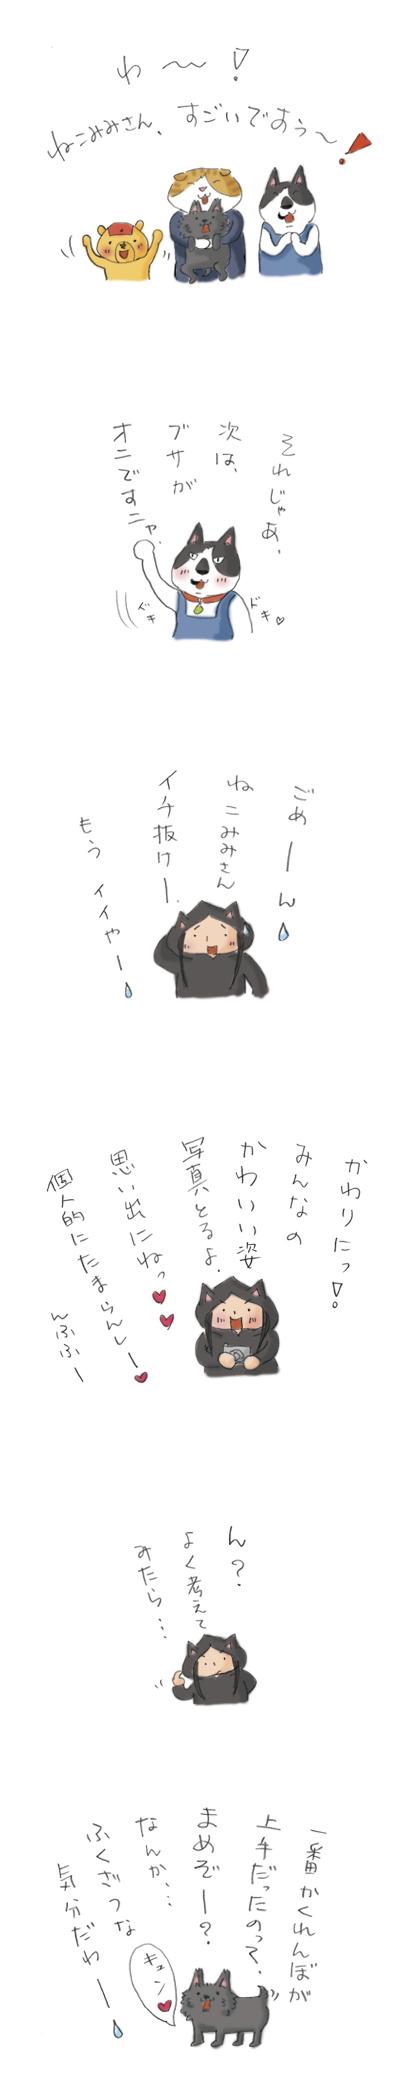 かくれんぼー6終